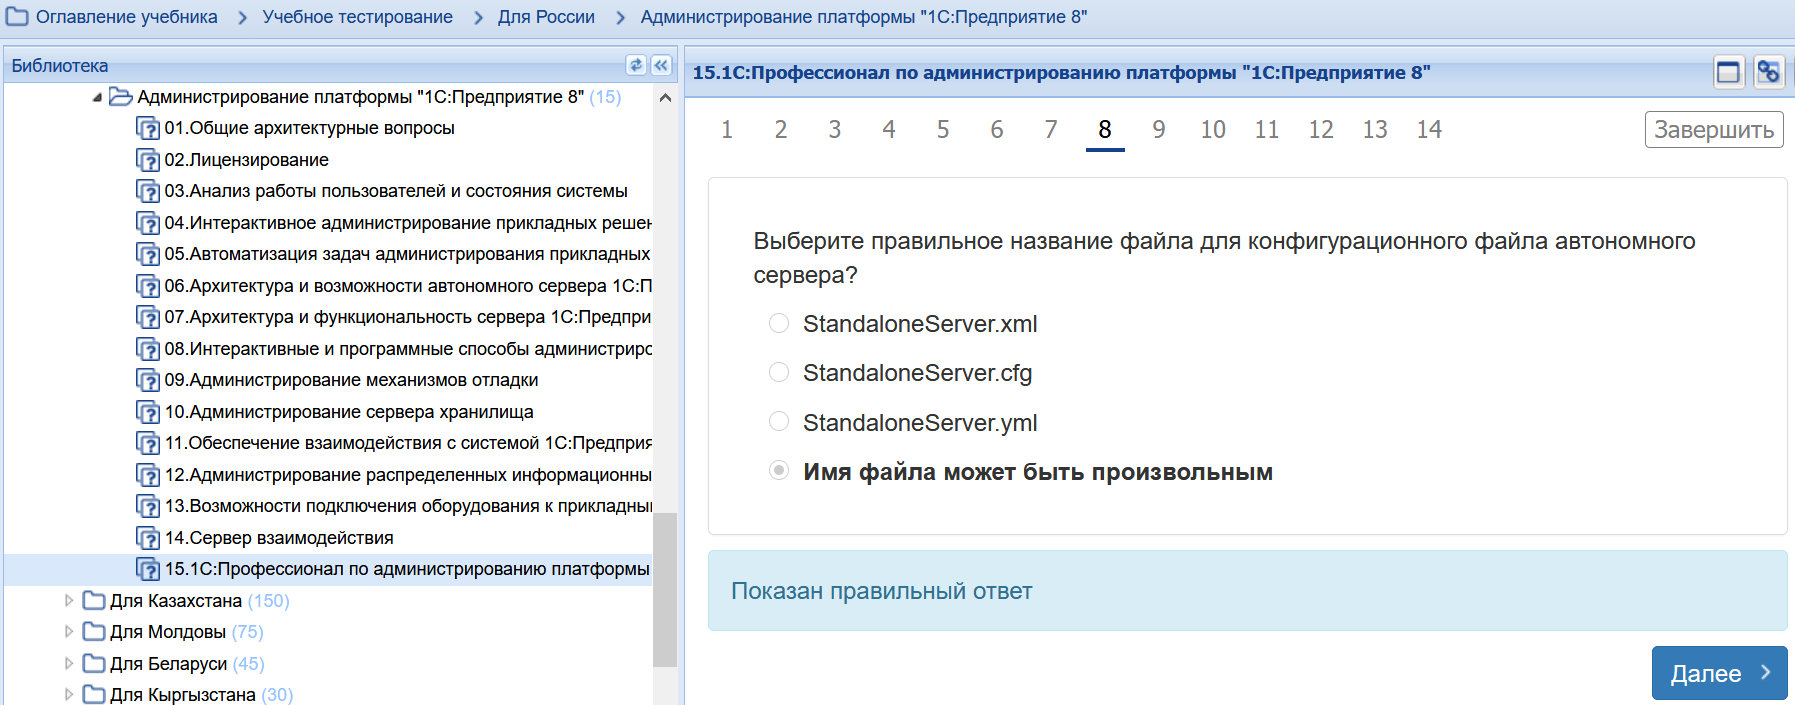 Профессионал по администрированию систем на базе платформы 1С Предприятие ОТВЕТЫ